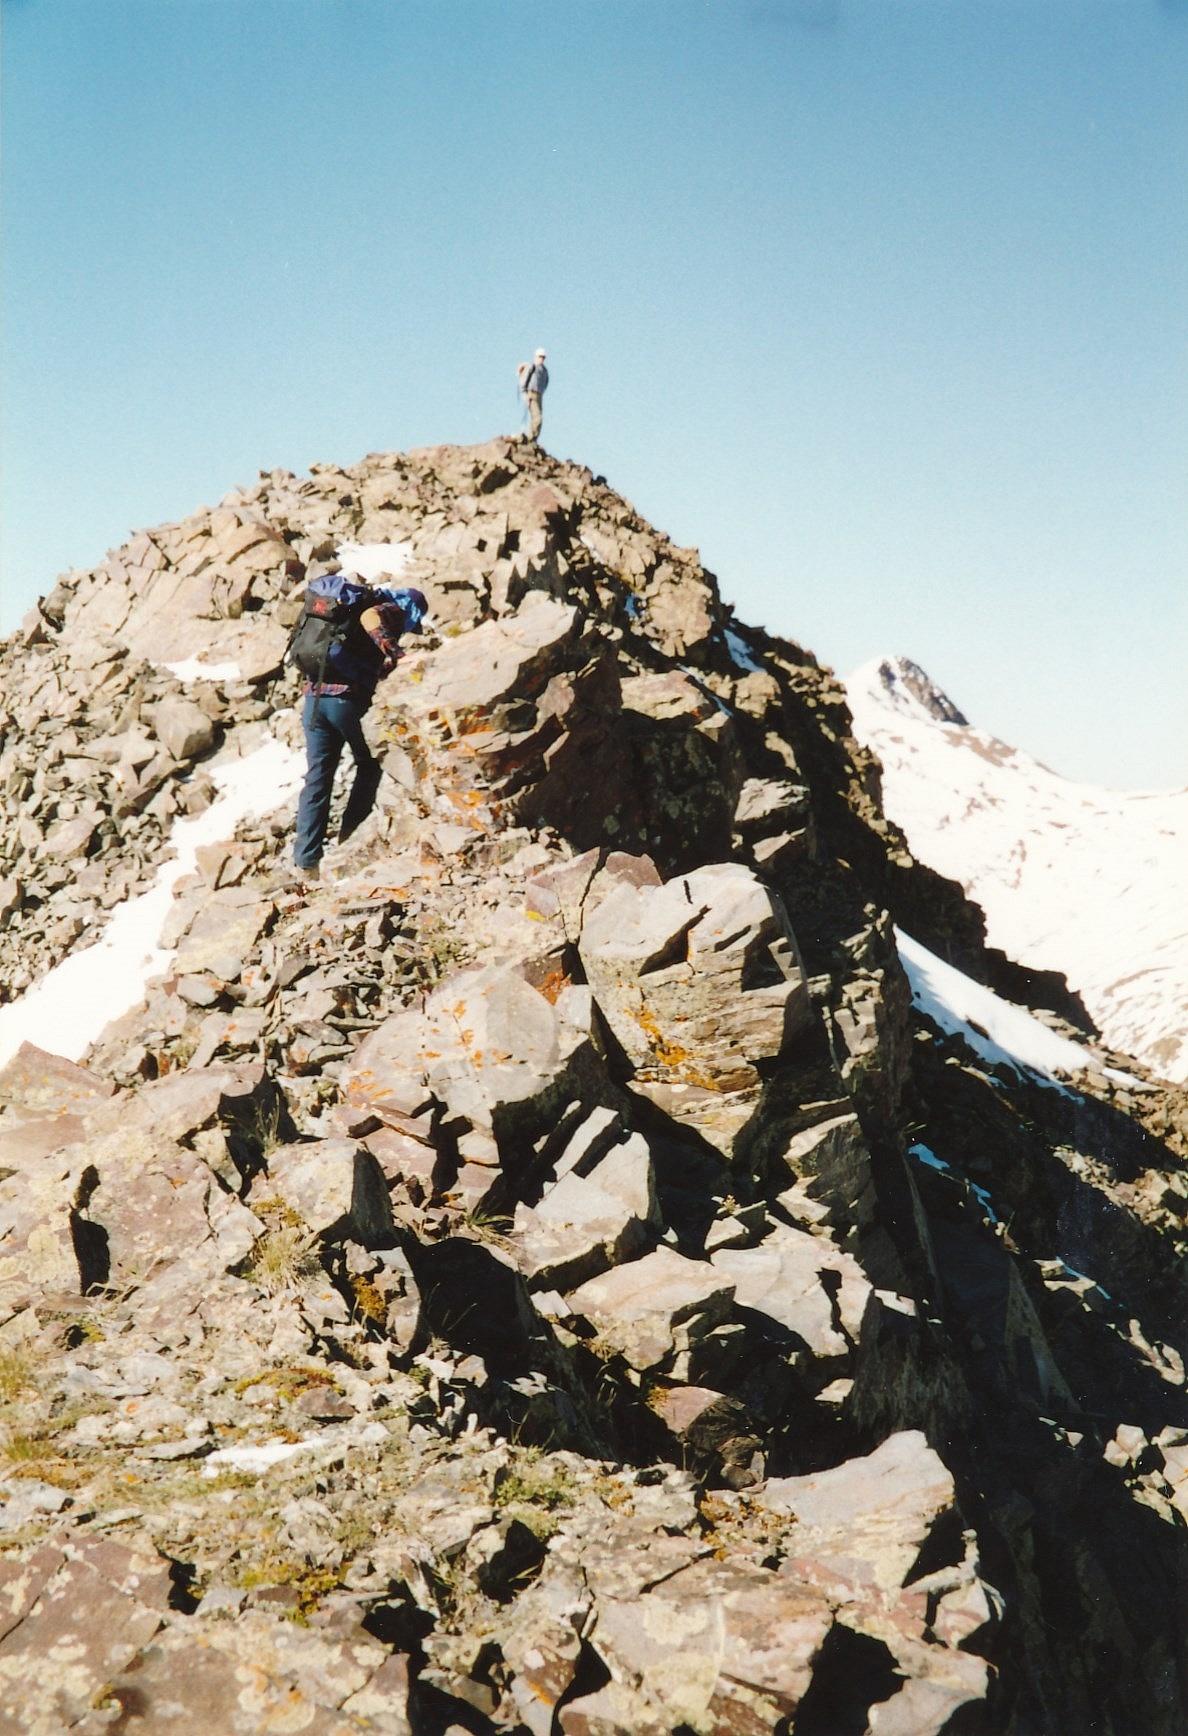 Bonita Peak - 13,286